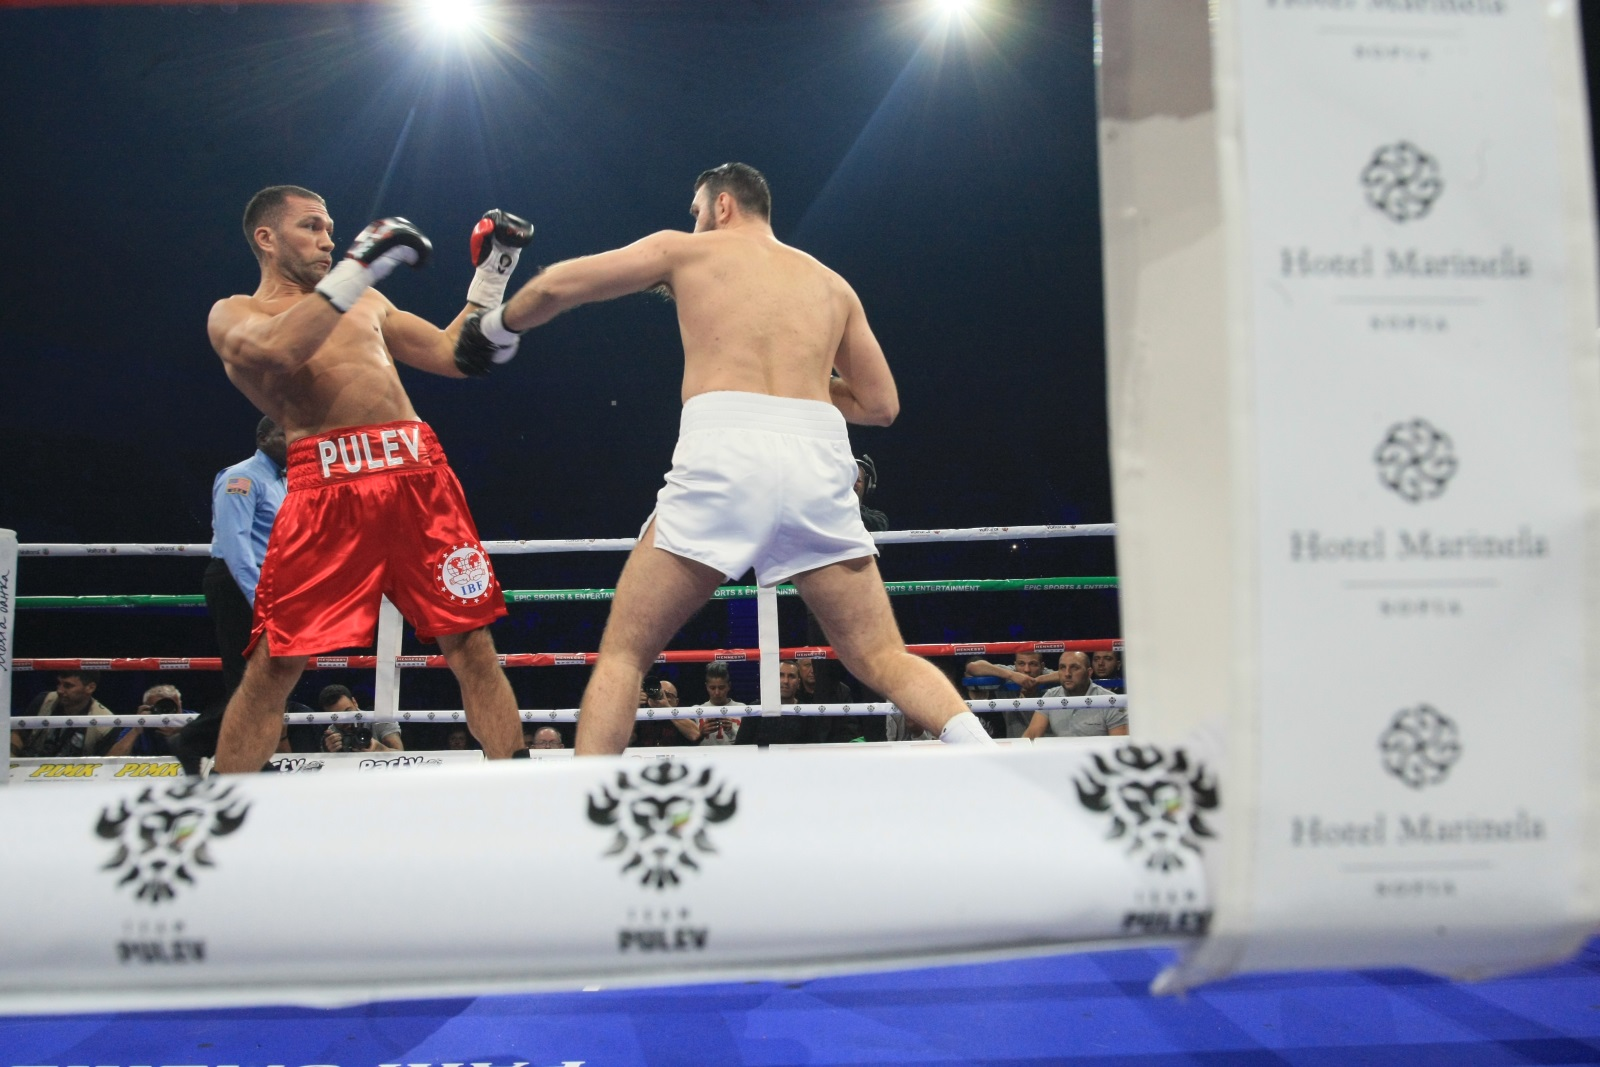 Големият български боксьор Кубрат Пулев излезе в един от най-големите двубои в своята кариера, а съперник е Хюи Фюри. Залогът е огромен - званието претендент №1 на IBF и съответно сигурен мач с шампиона Антъни Джошуа.